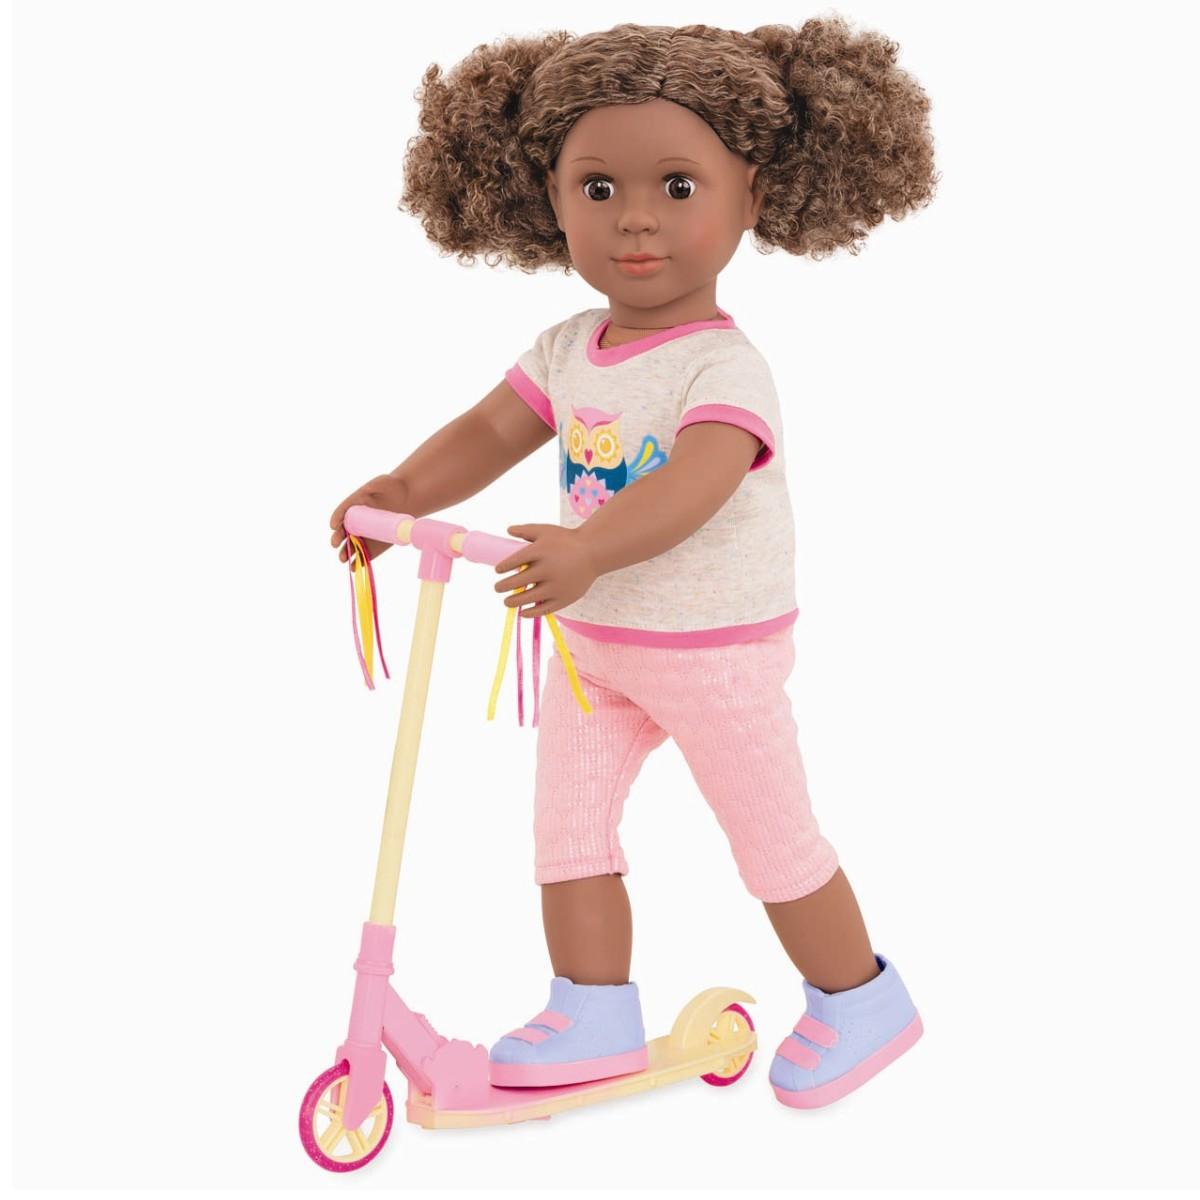 Dukketøj og løbehjul - Our generation